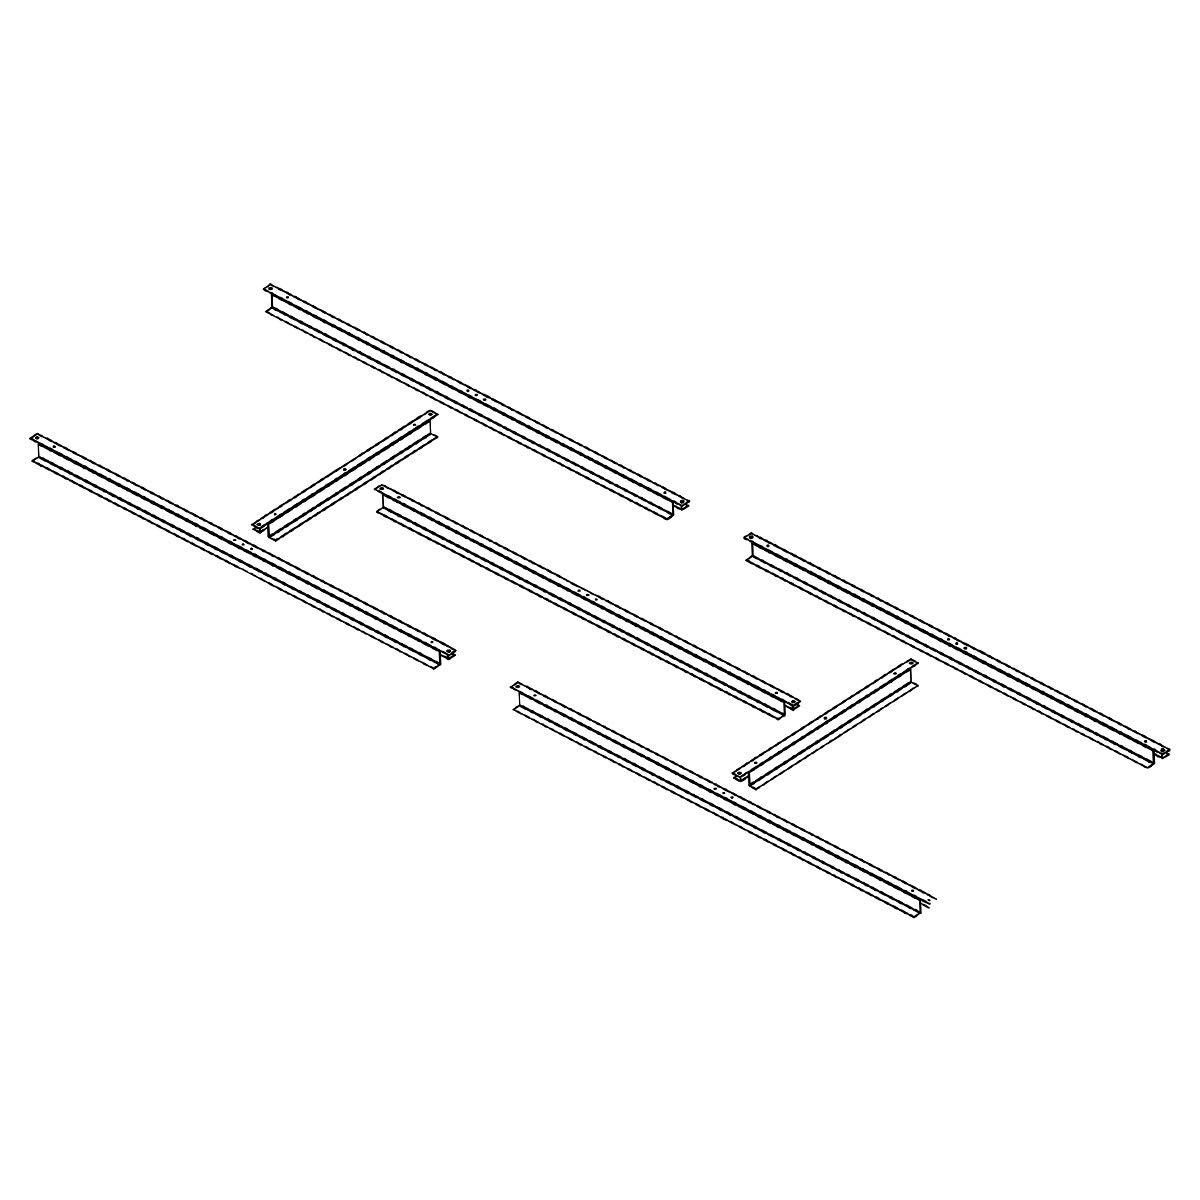 Estructura metálica Gardiun para preinstalación de suelo casetas de 2,4 m2 - KIS14005 - Gardiun: Amazon.es: Bricolaje y herramientas